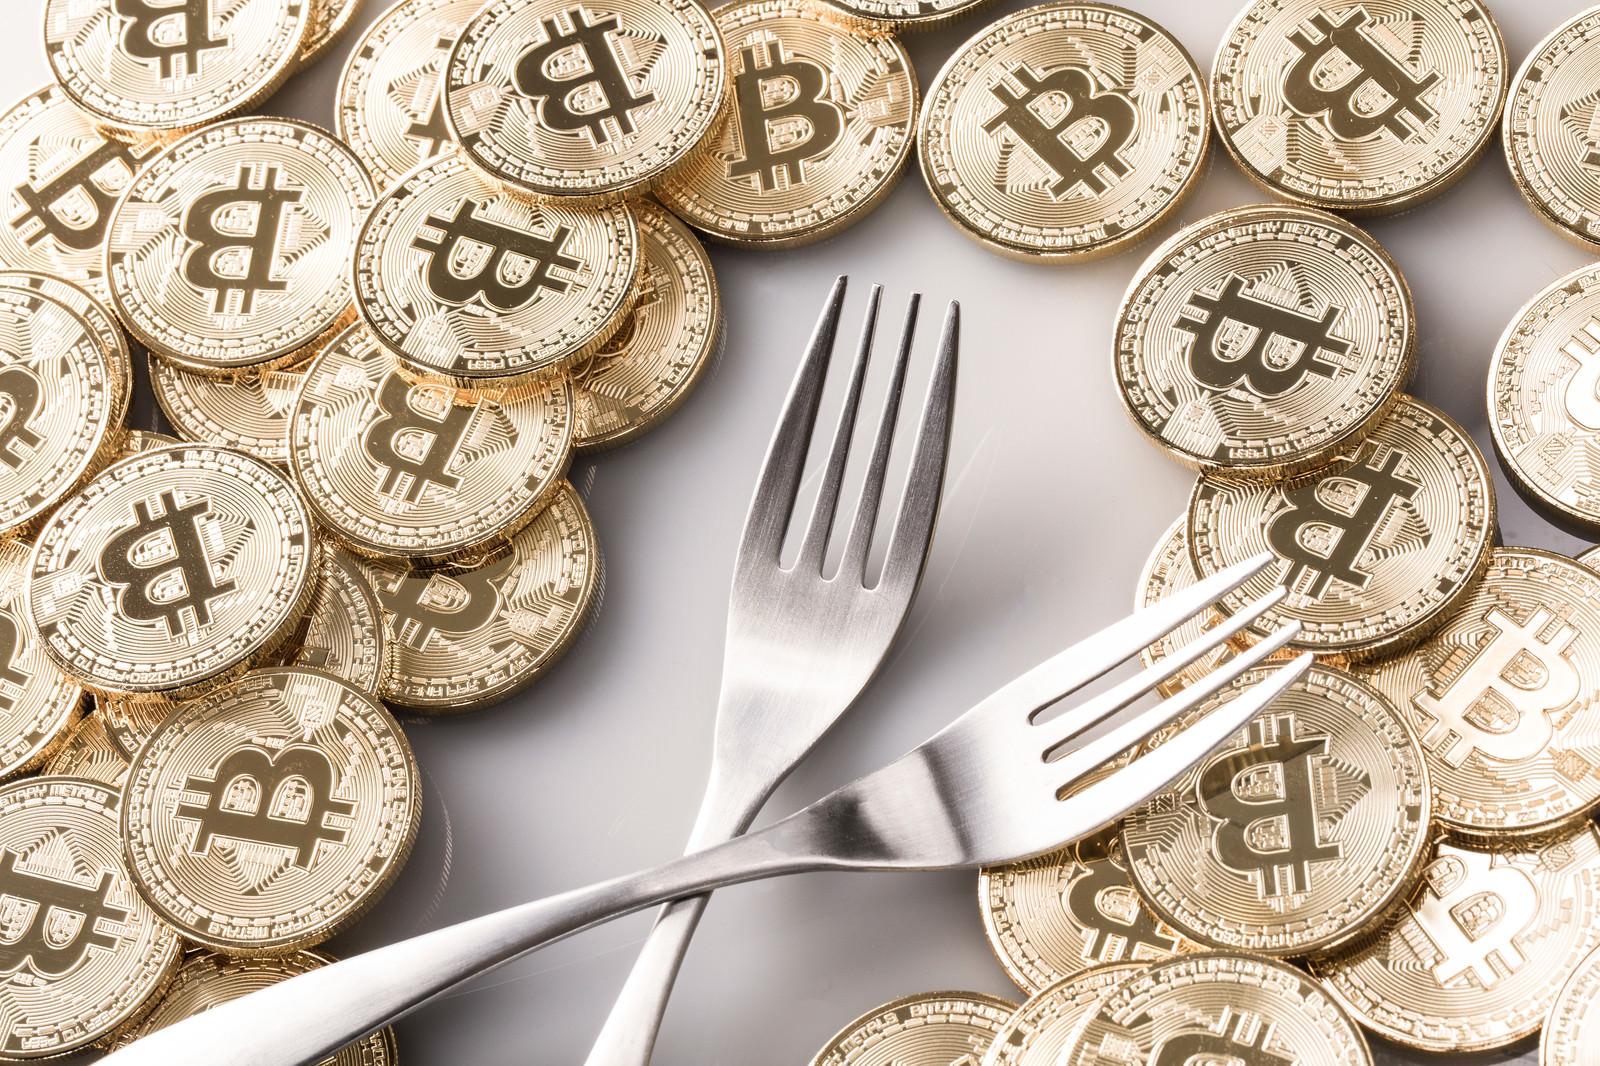 「ハードフォークとビットコイン」の写真